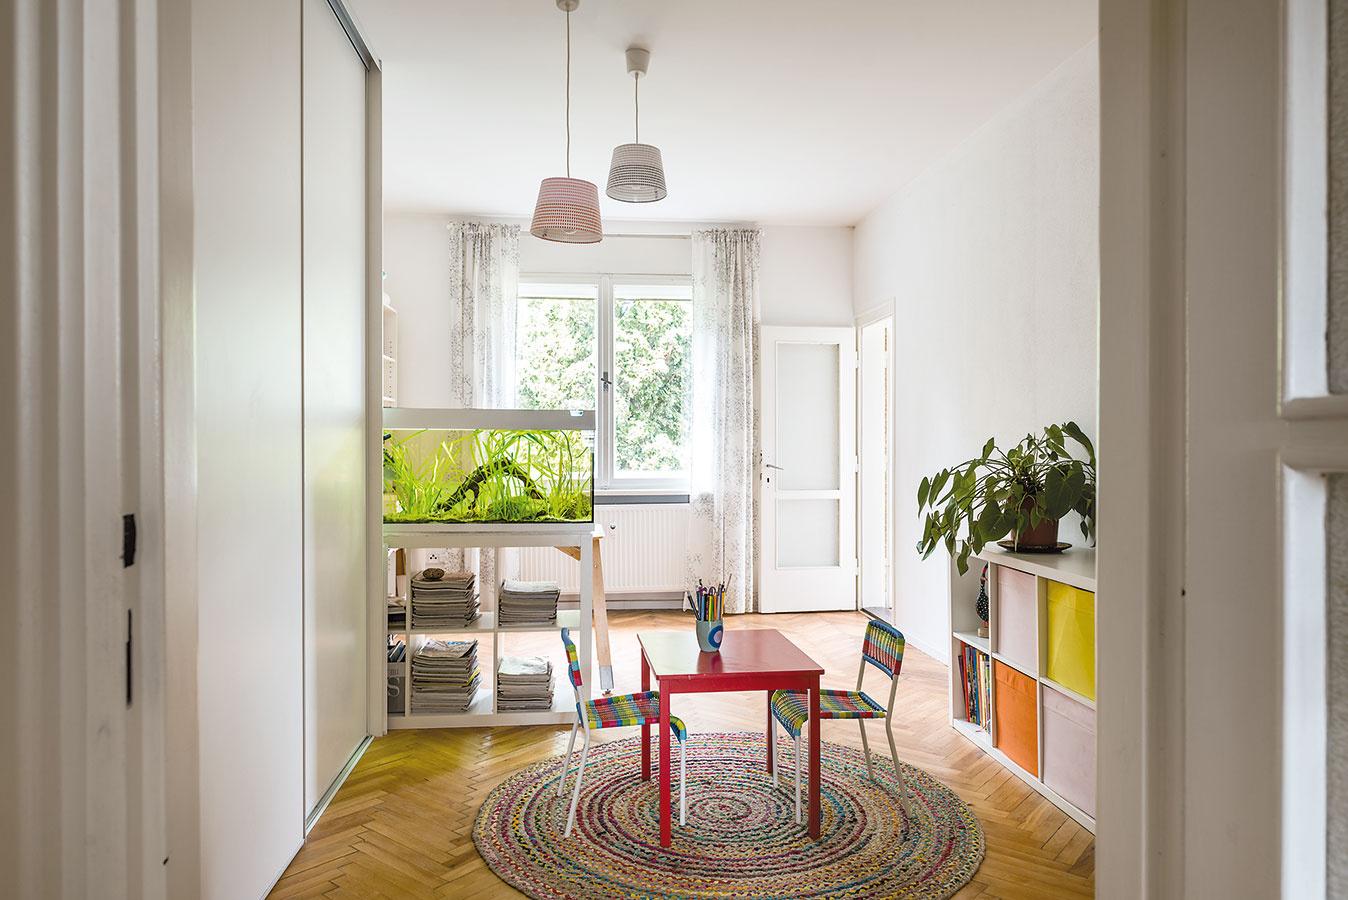 Najväčšia miestnosť vbyte bola pôvodne obývačkou, dnes slúži ako detská herňa spojená smaminou pracovňou – všetko sa sem pohodlne zmestilo. Deti sú ešte malé azatiaľ spia srodičmi vspálni.